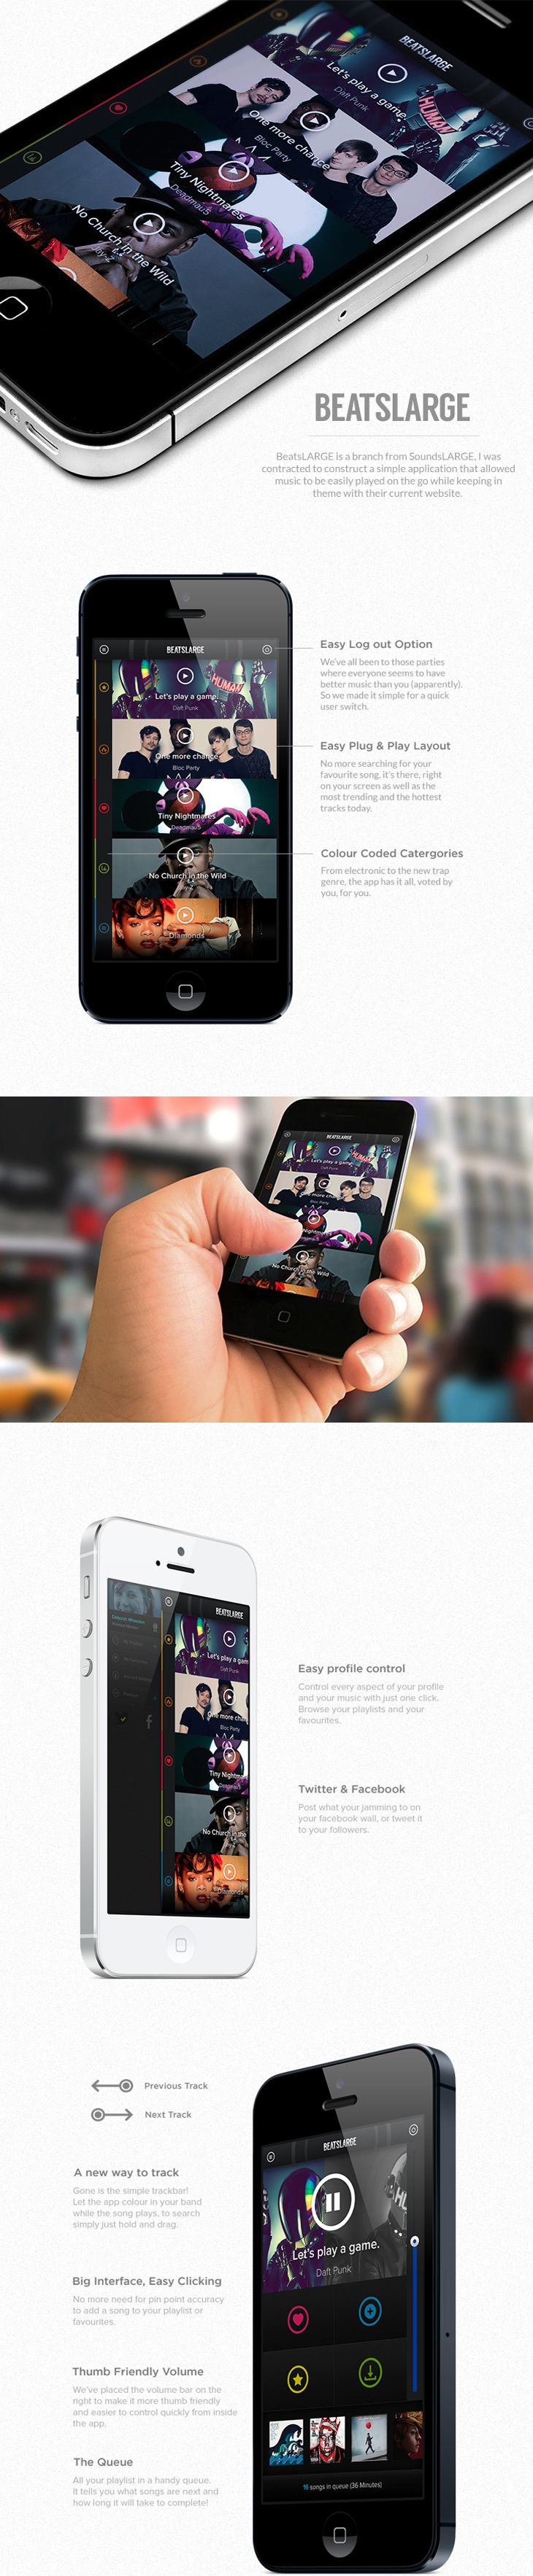 Daily Mobile UI Design Inspiration #32